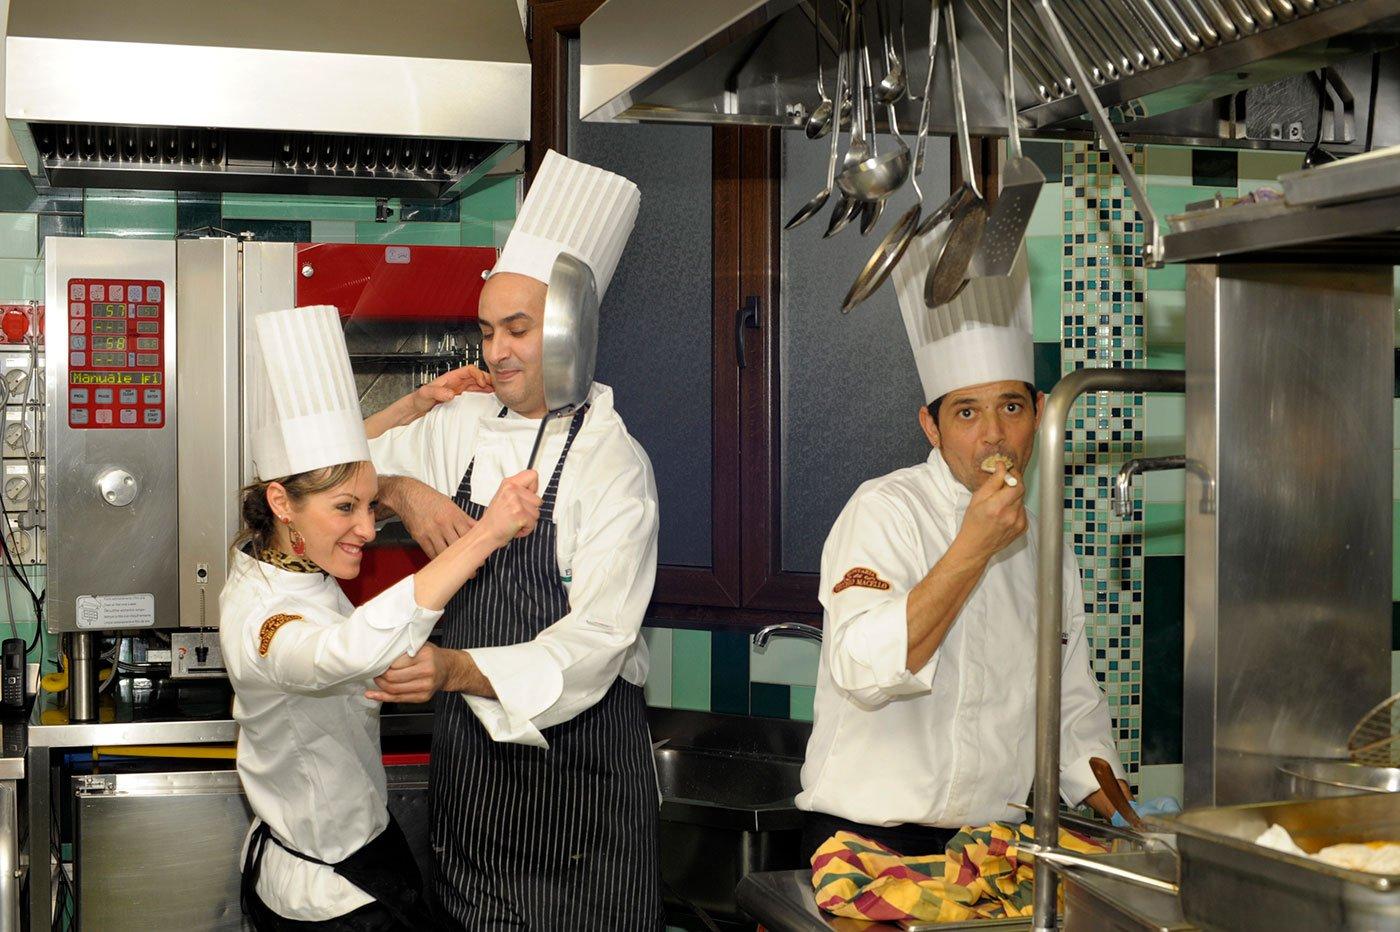 Tre cochi in varie pose in una cucina